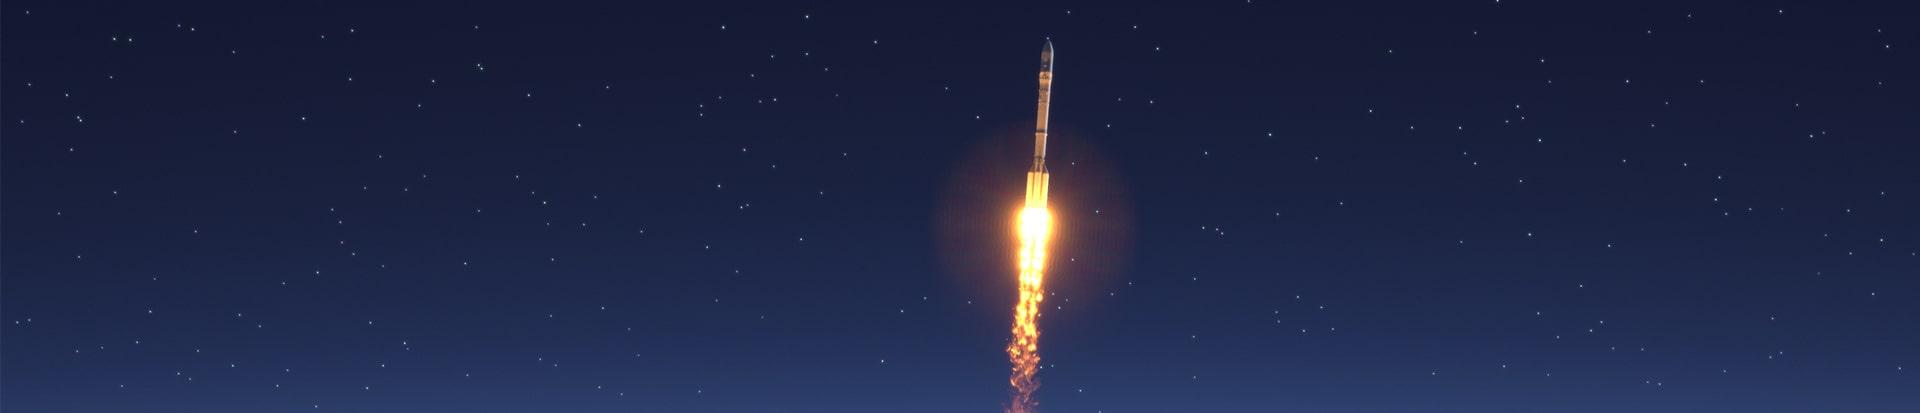 Rocket Night Sky